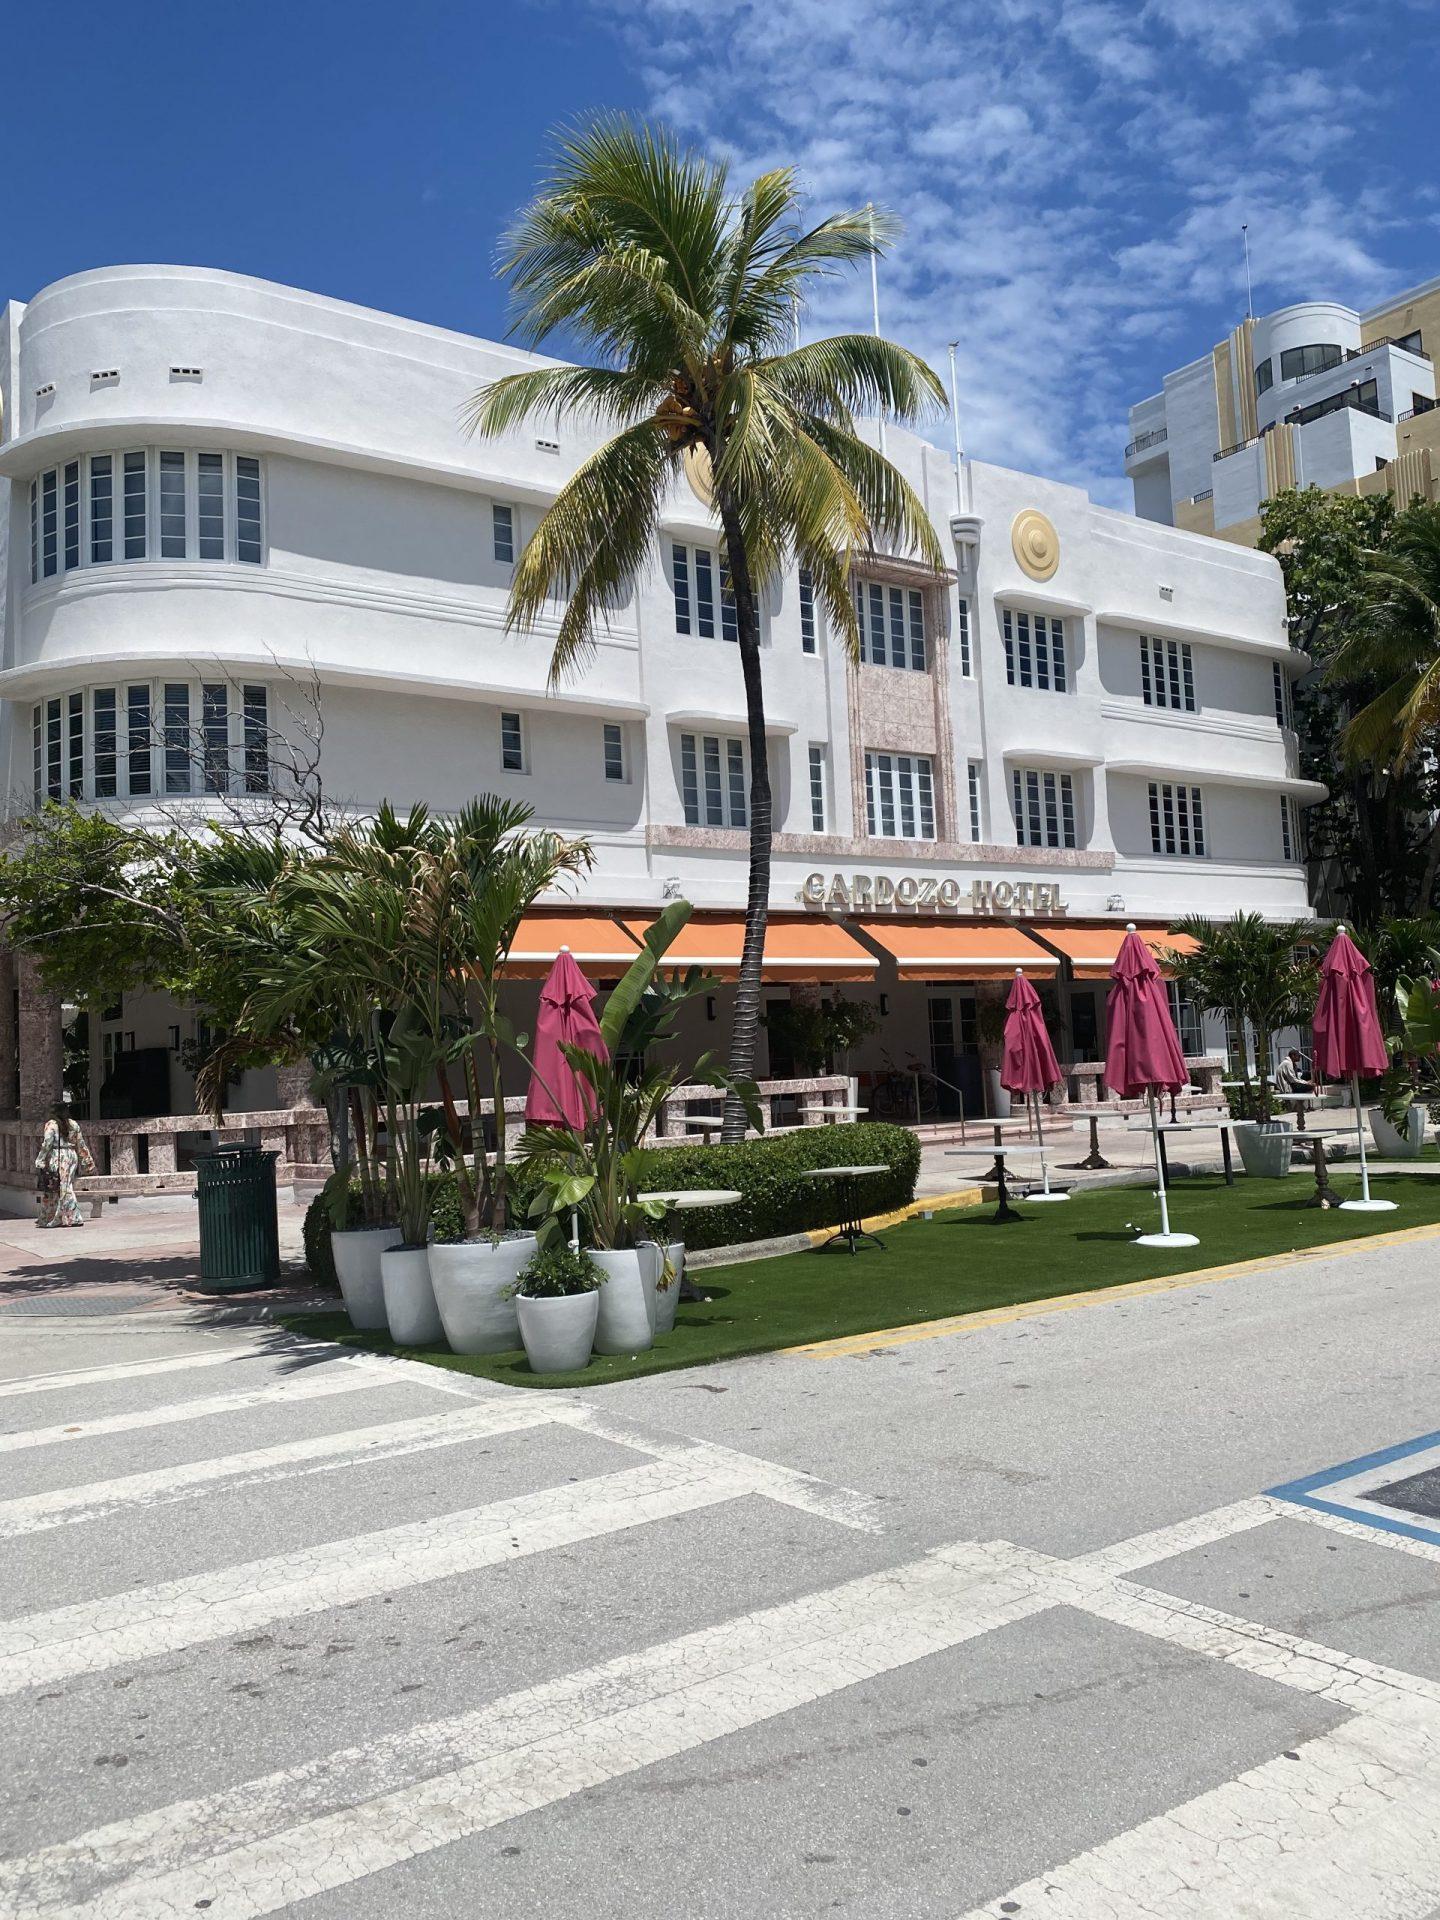 Cardozo South Beach